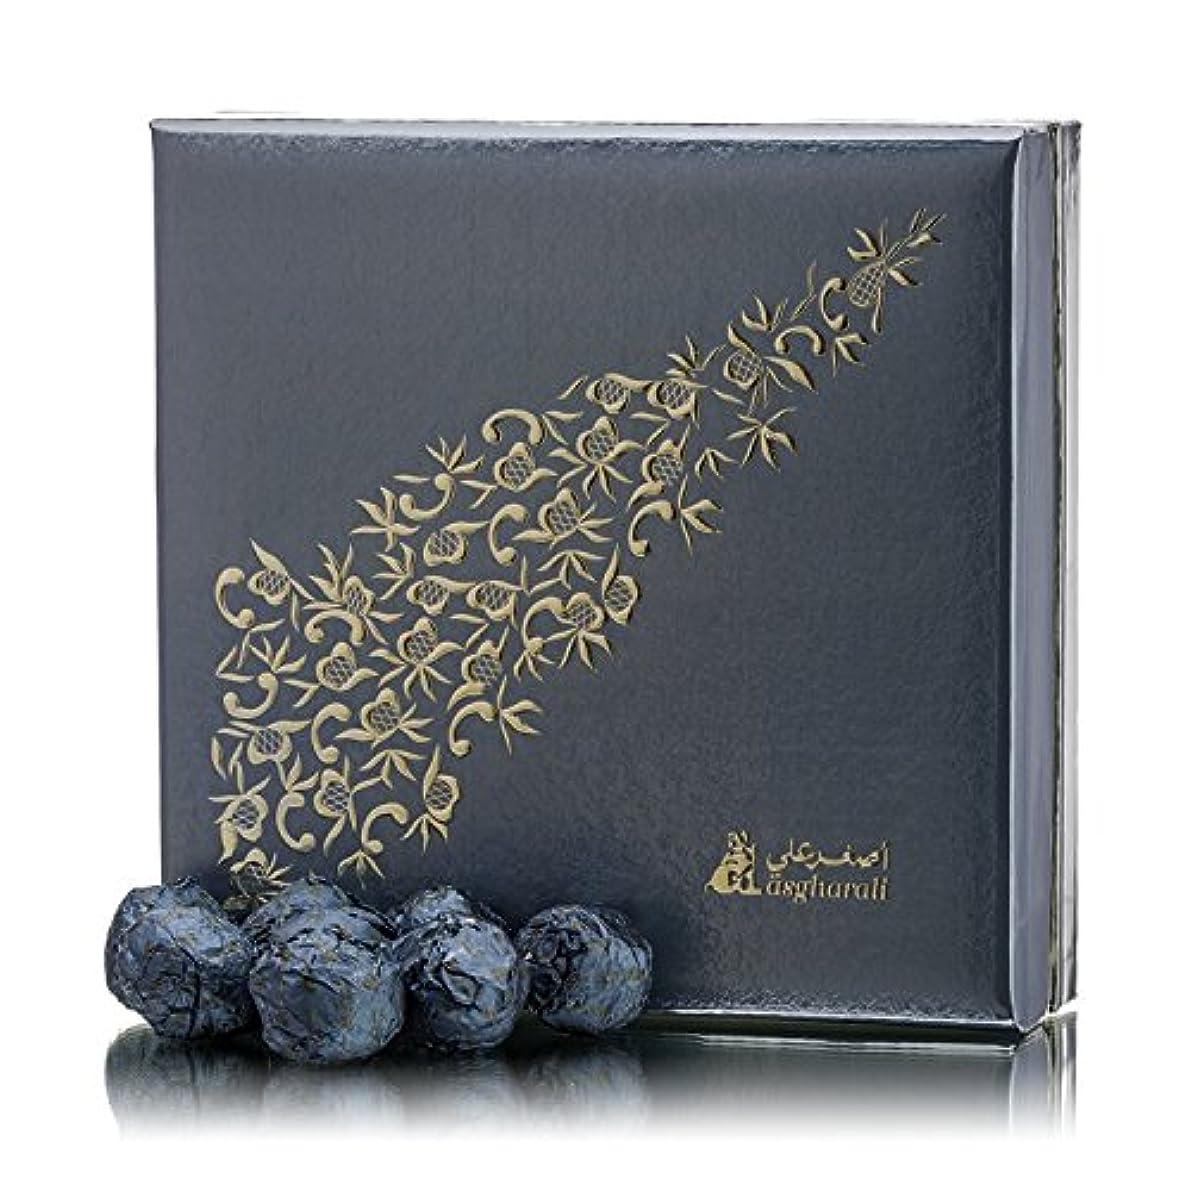 説教するブロックする確かなAsgharali debaaj mustabaraq 300ミリグラム?–?Shay Oud、花柄、Woody、Oriental Incense Limited Edition Bakhoor